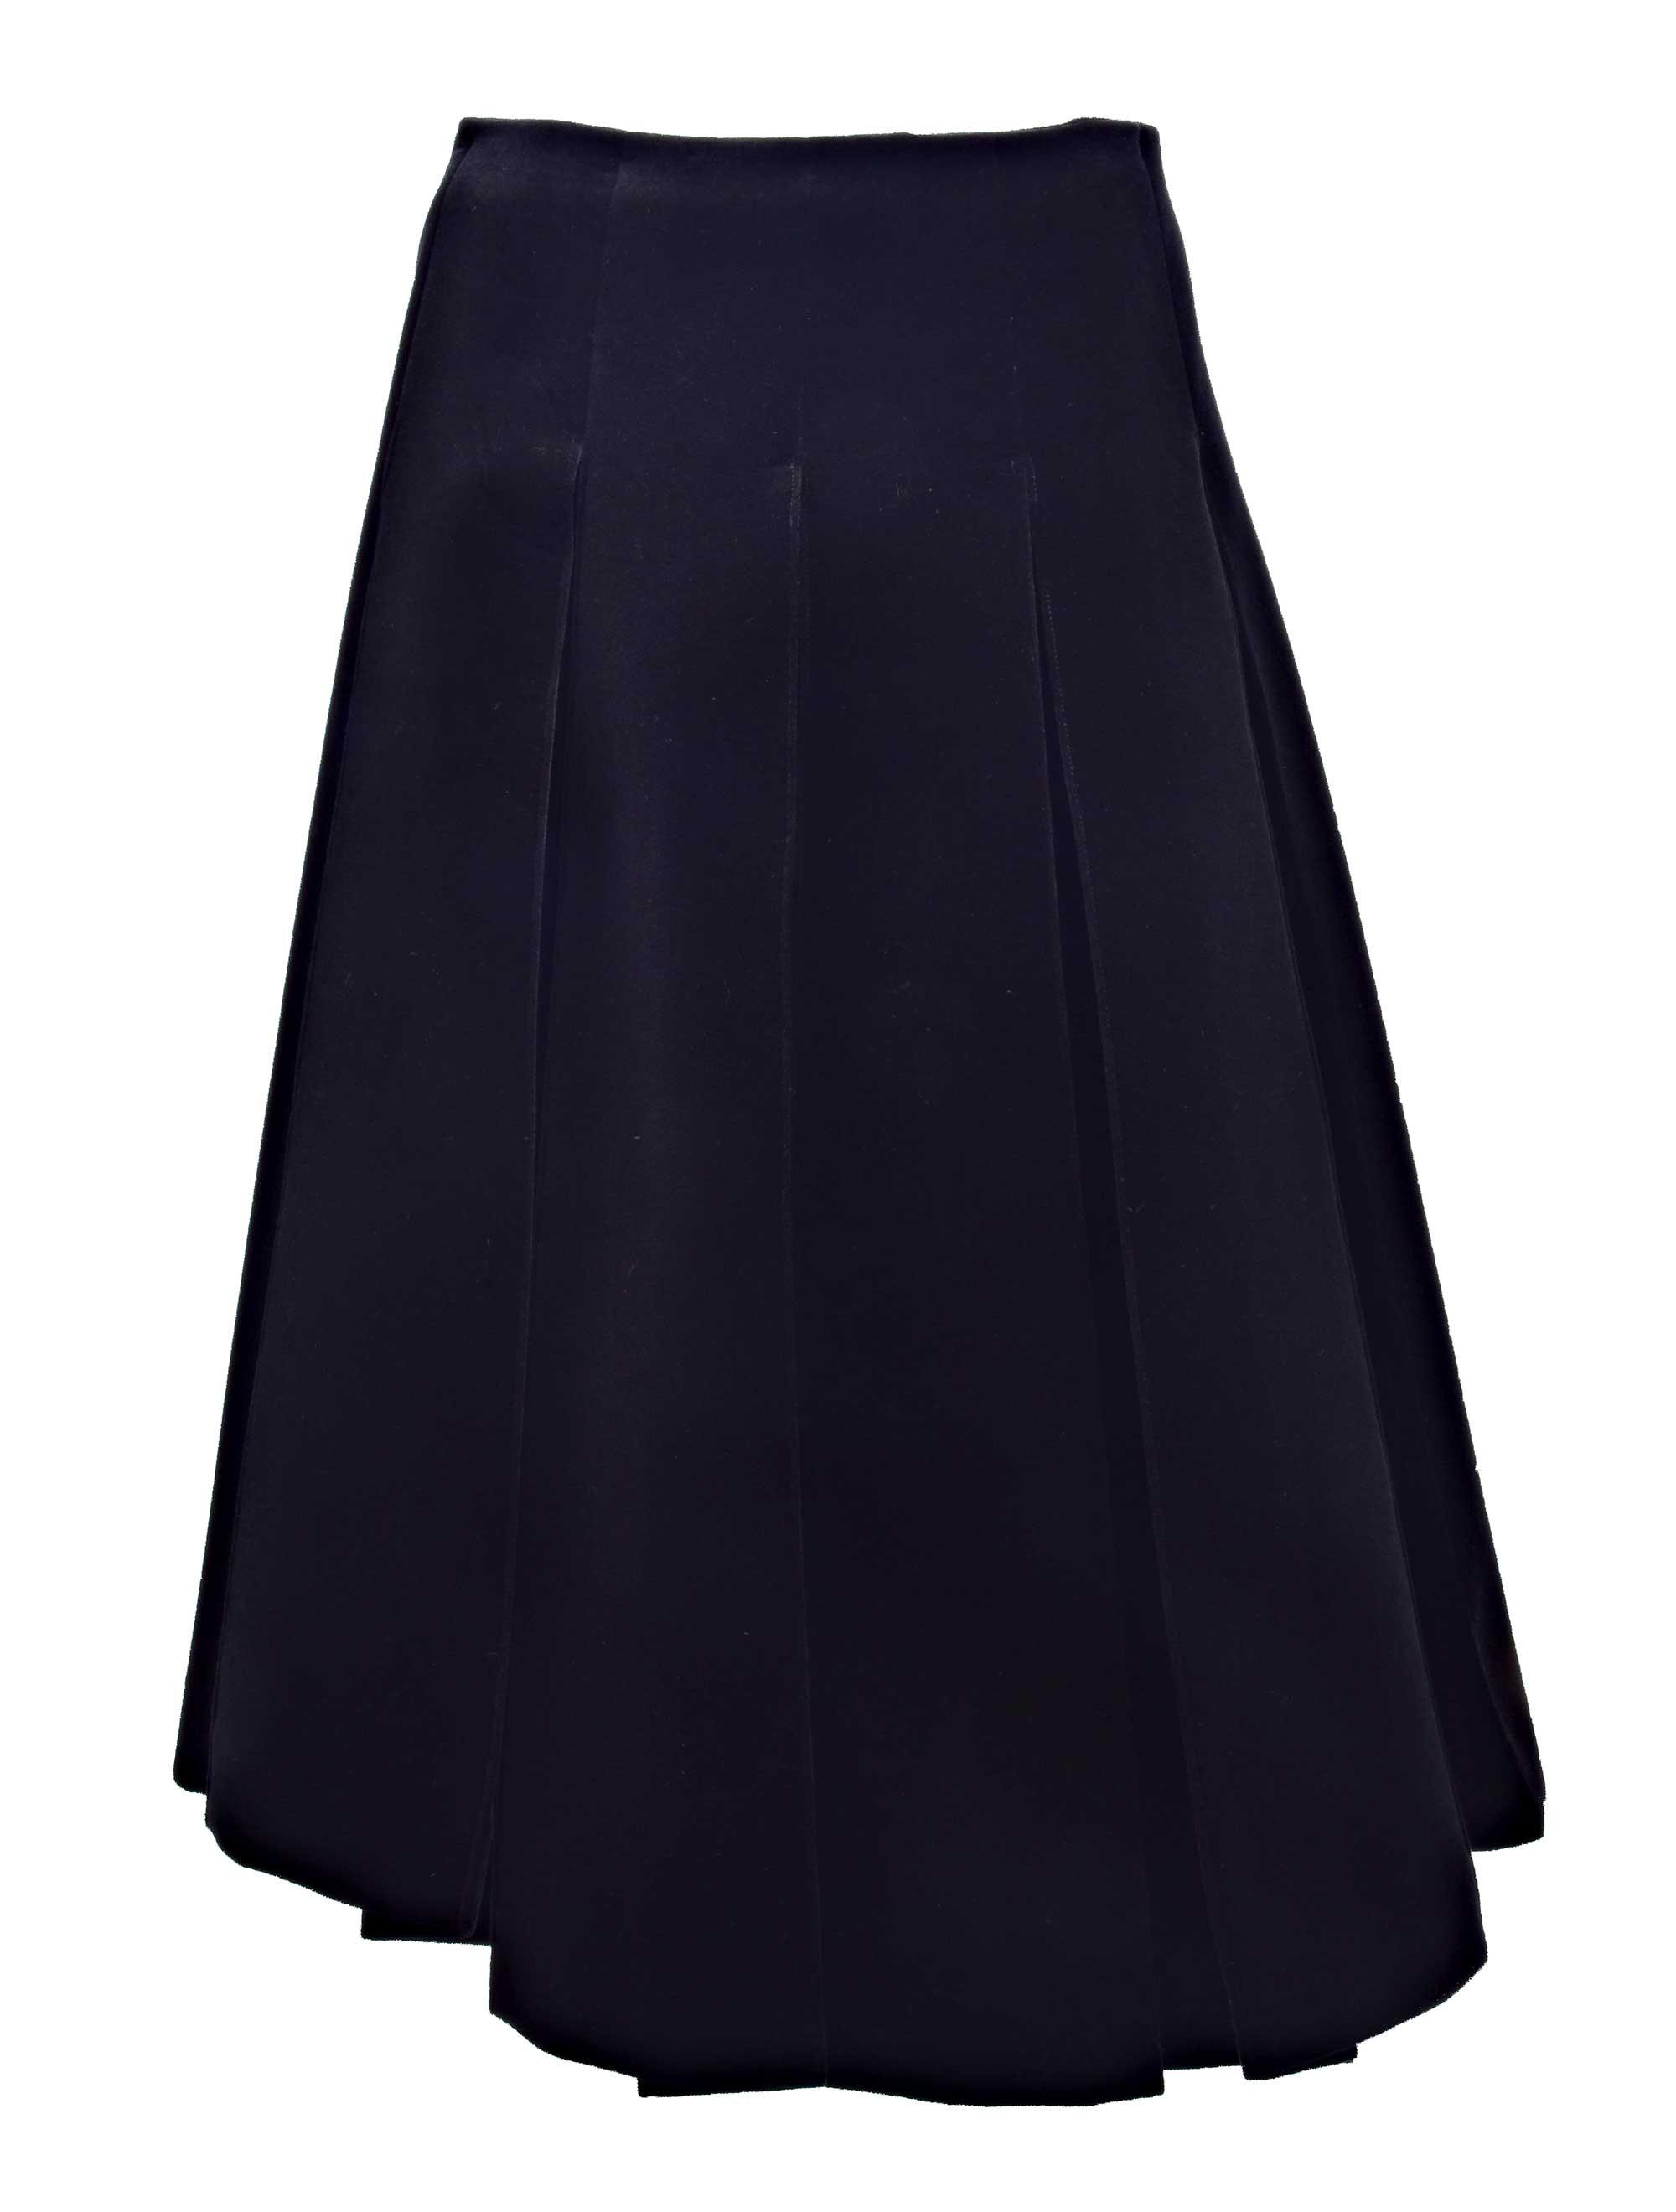 Simone Rocha Classic Skirt